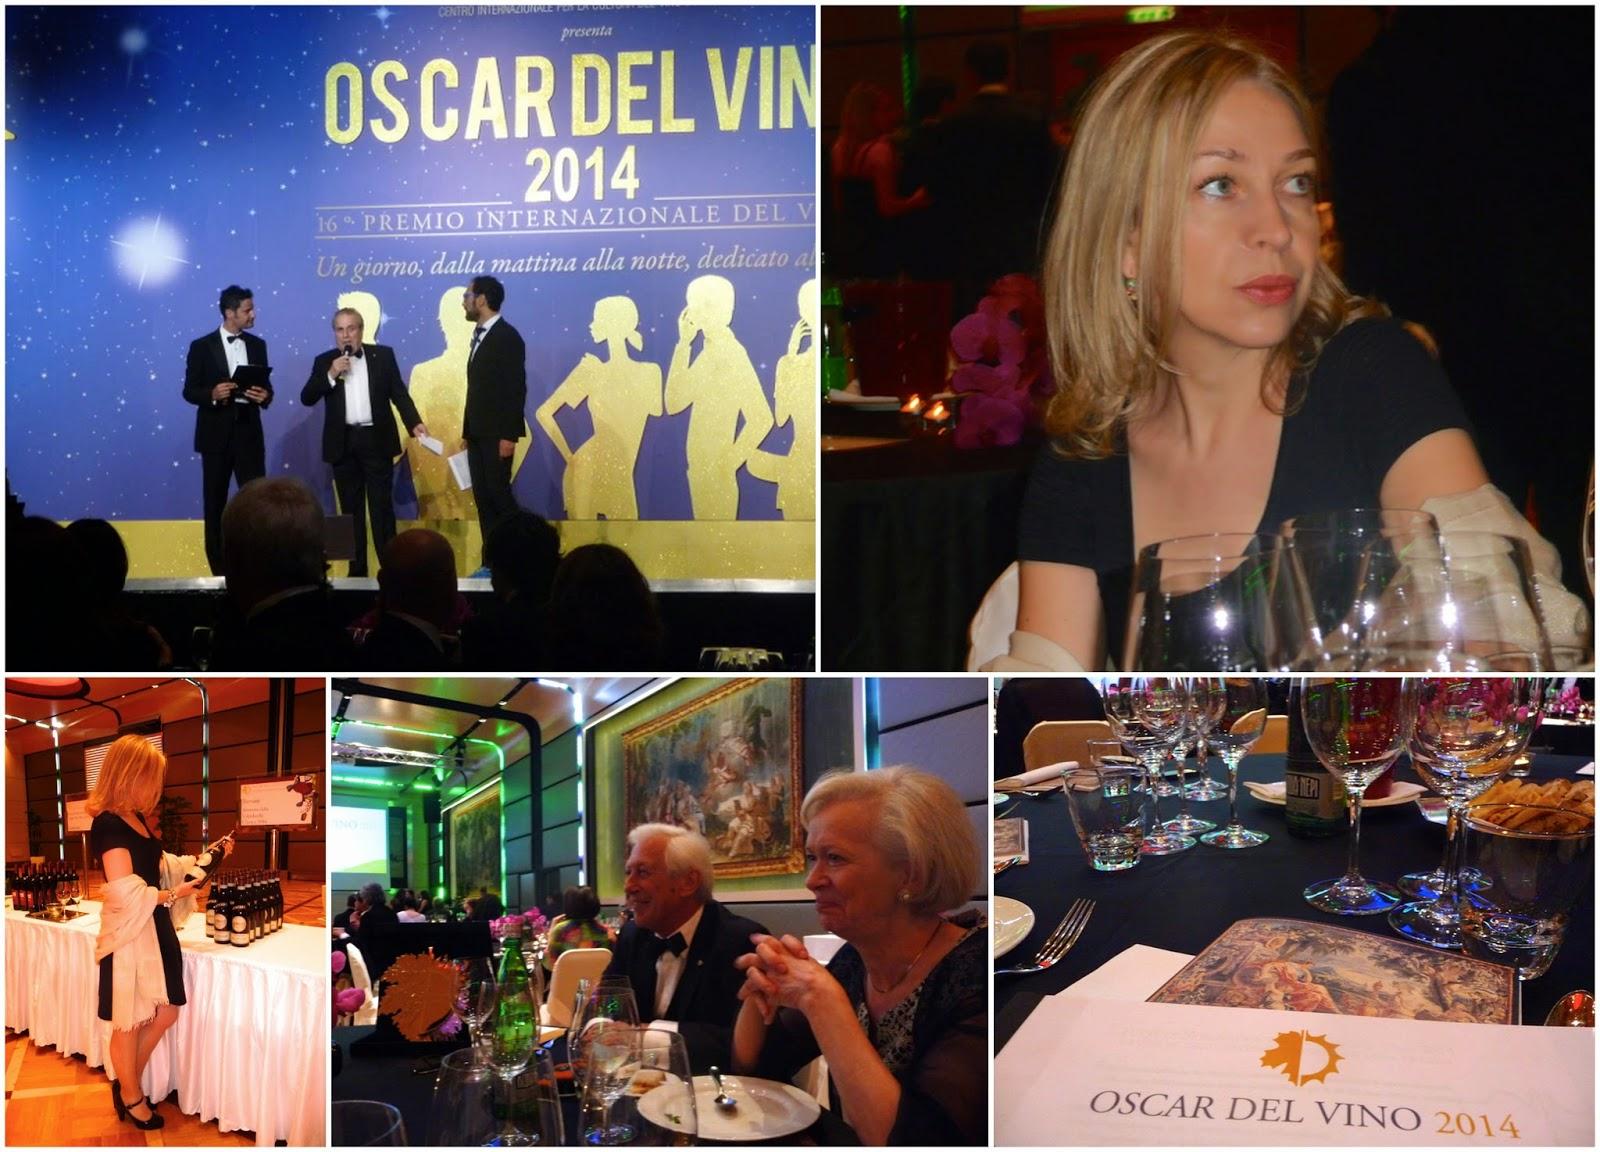 Винный Оскар 2014 Oscar del Vino 2014 это церимония вручения премий лучшим итальянским винам